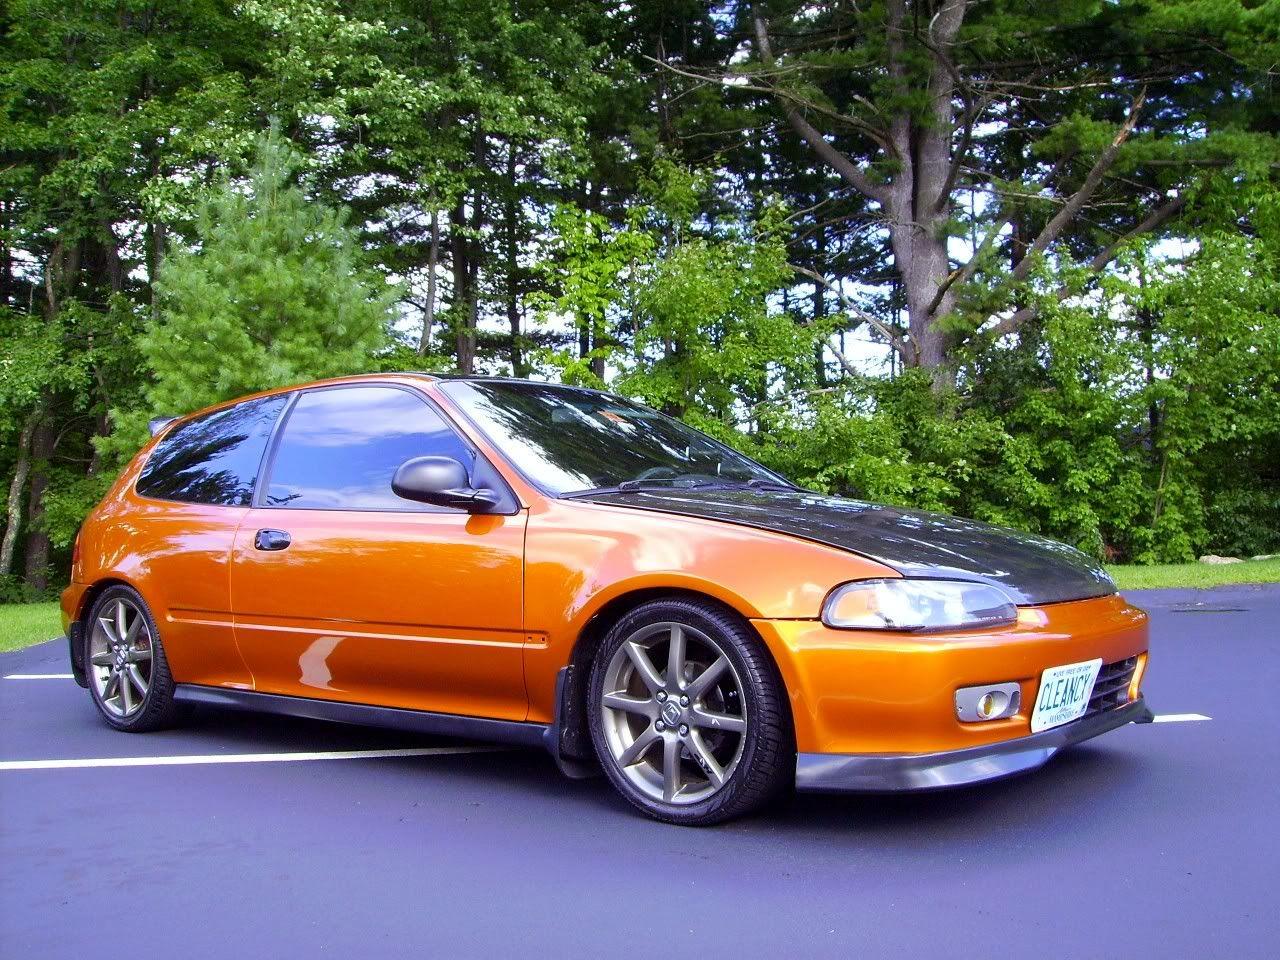 Orange Honda Civic Hatchback Future Cars Honda Civic Hatchback Honda Crx Civic Hatchback